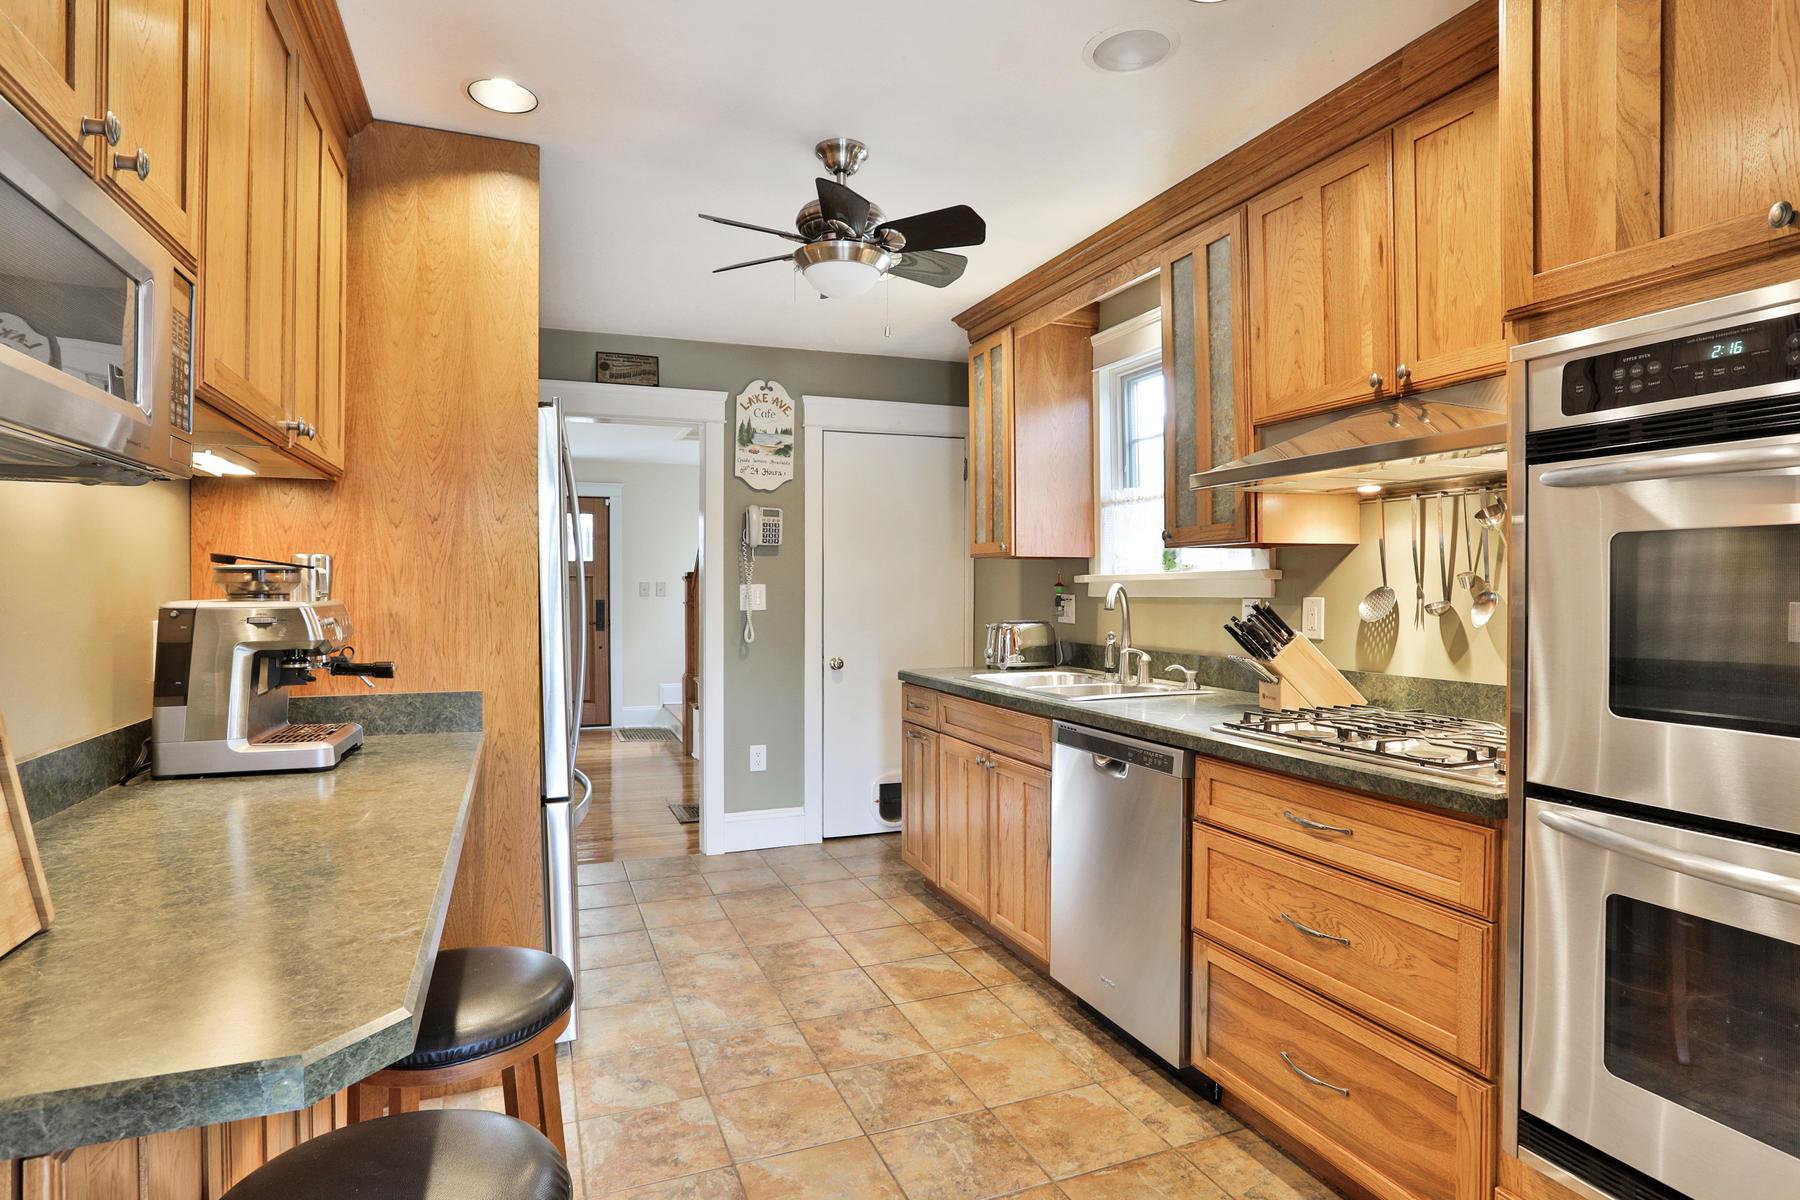 단독 가정 주택 용 매매 에 Live Charming 55 Lake Avenue, Fair Haven, 뉴저지, 07704 미국